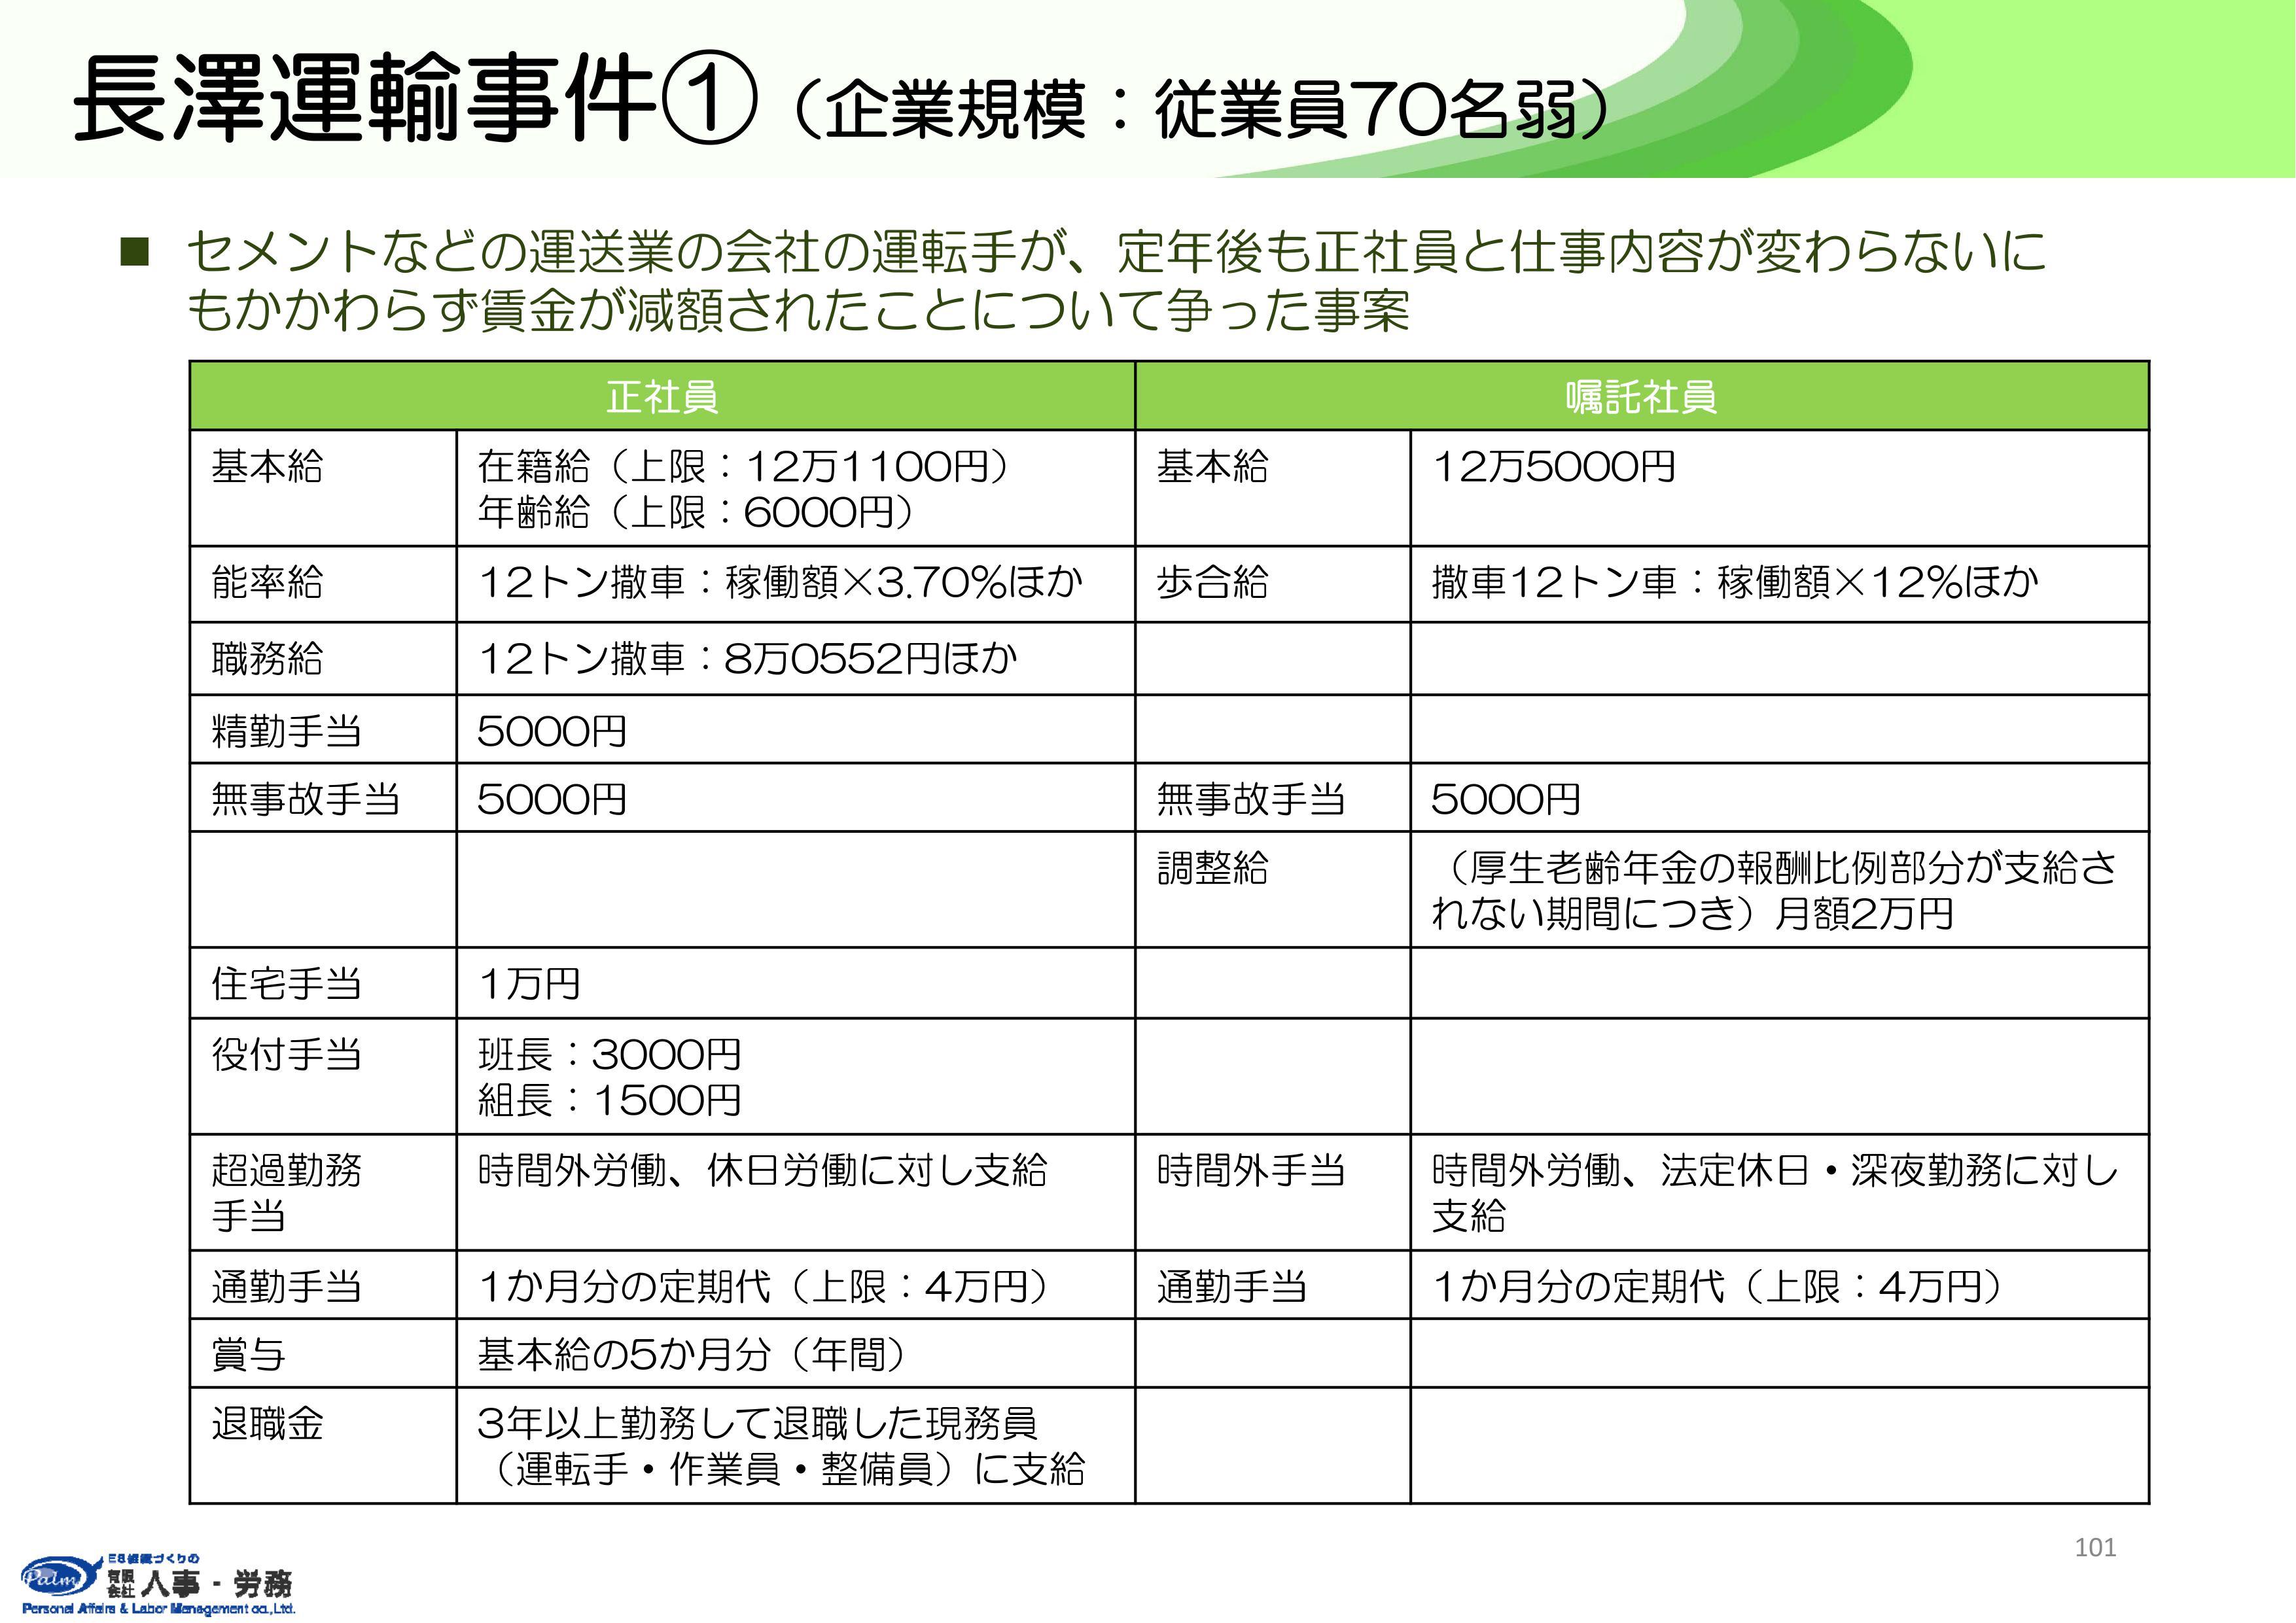 非正規社員の雇用に関わる判例<長澤運輸事件>